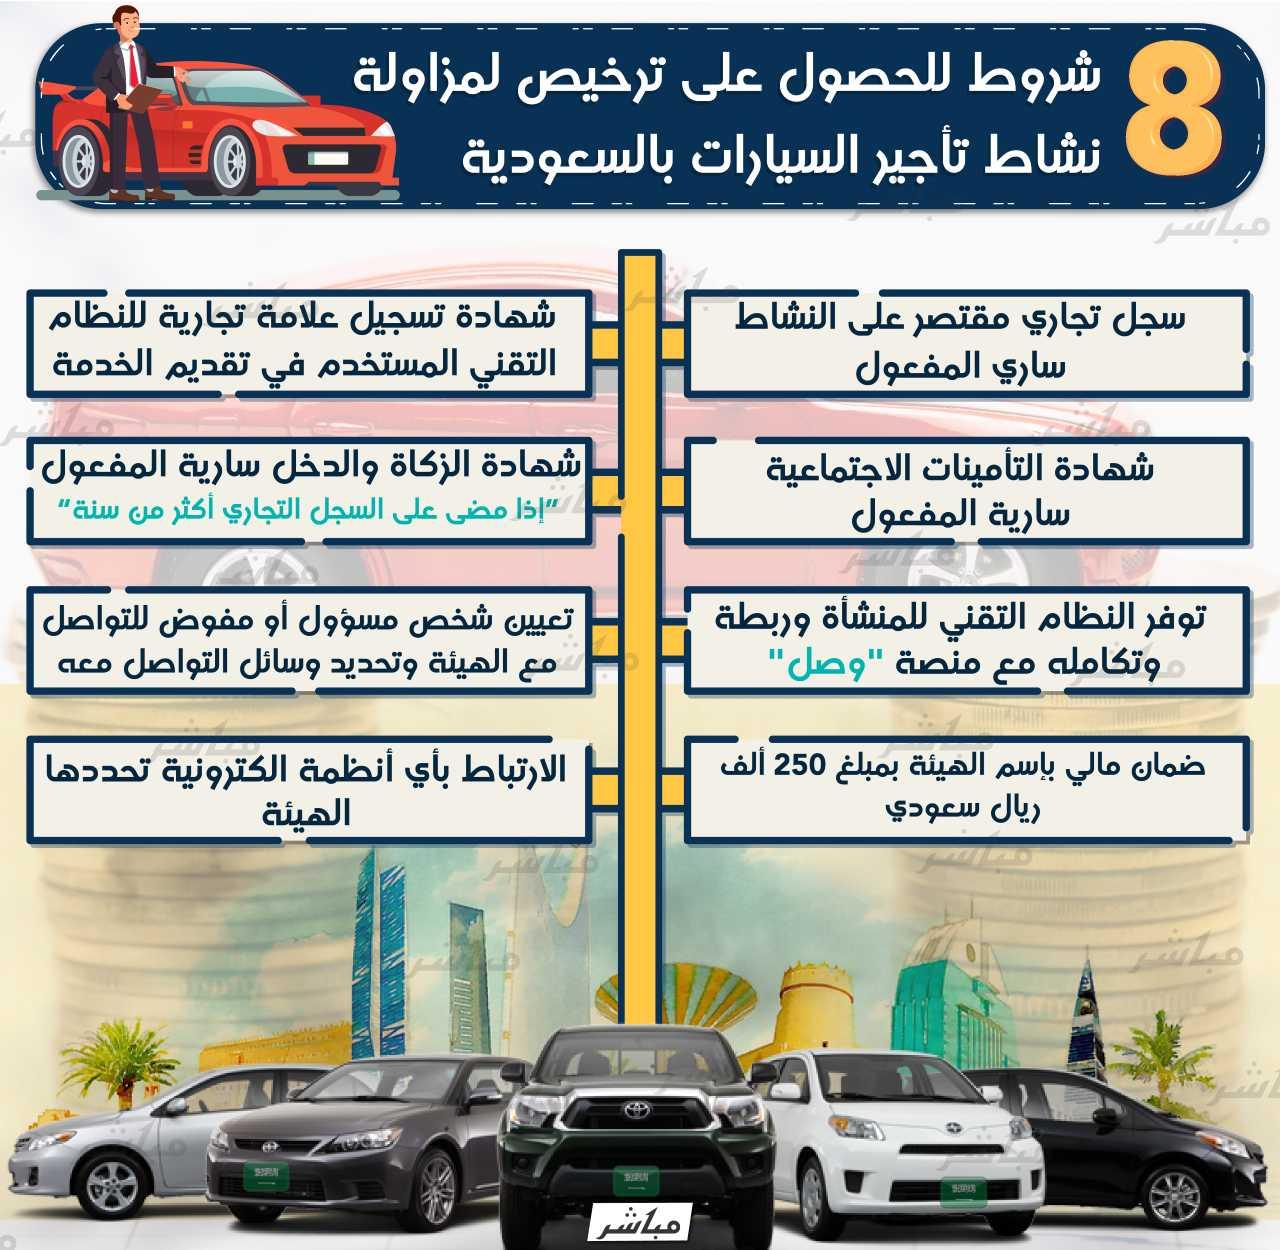 شروط تأجير السيارات بالمملكة العربية السعودية